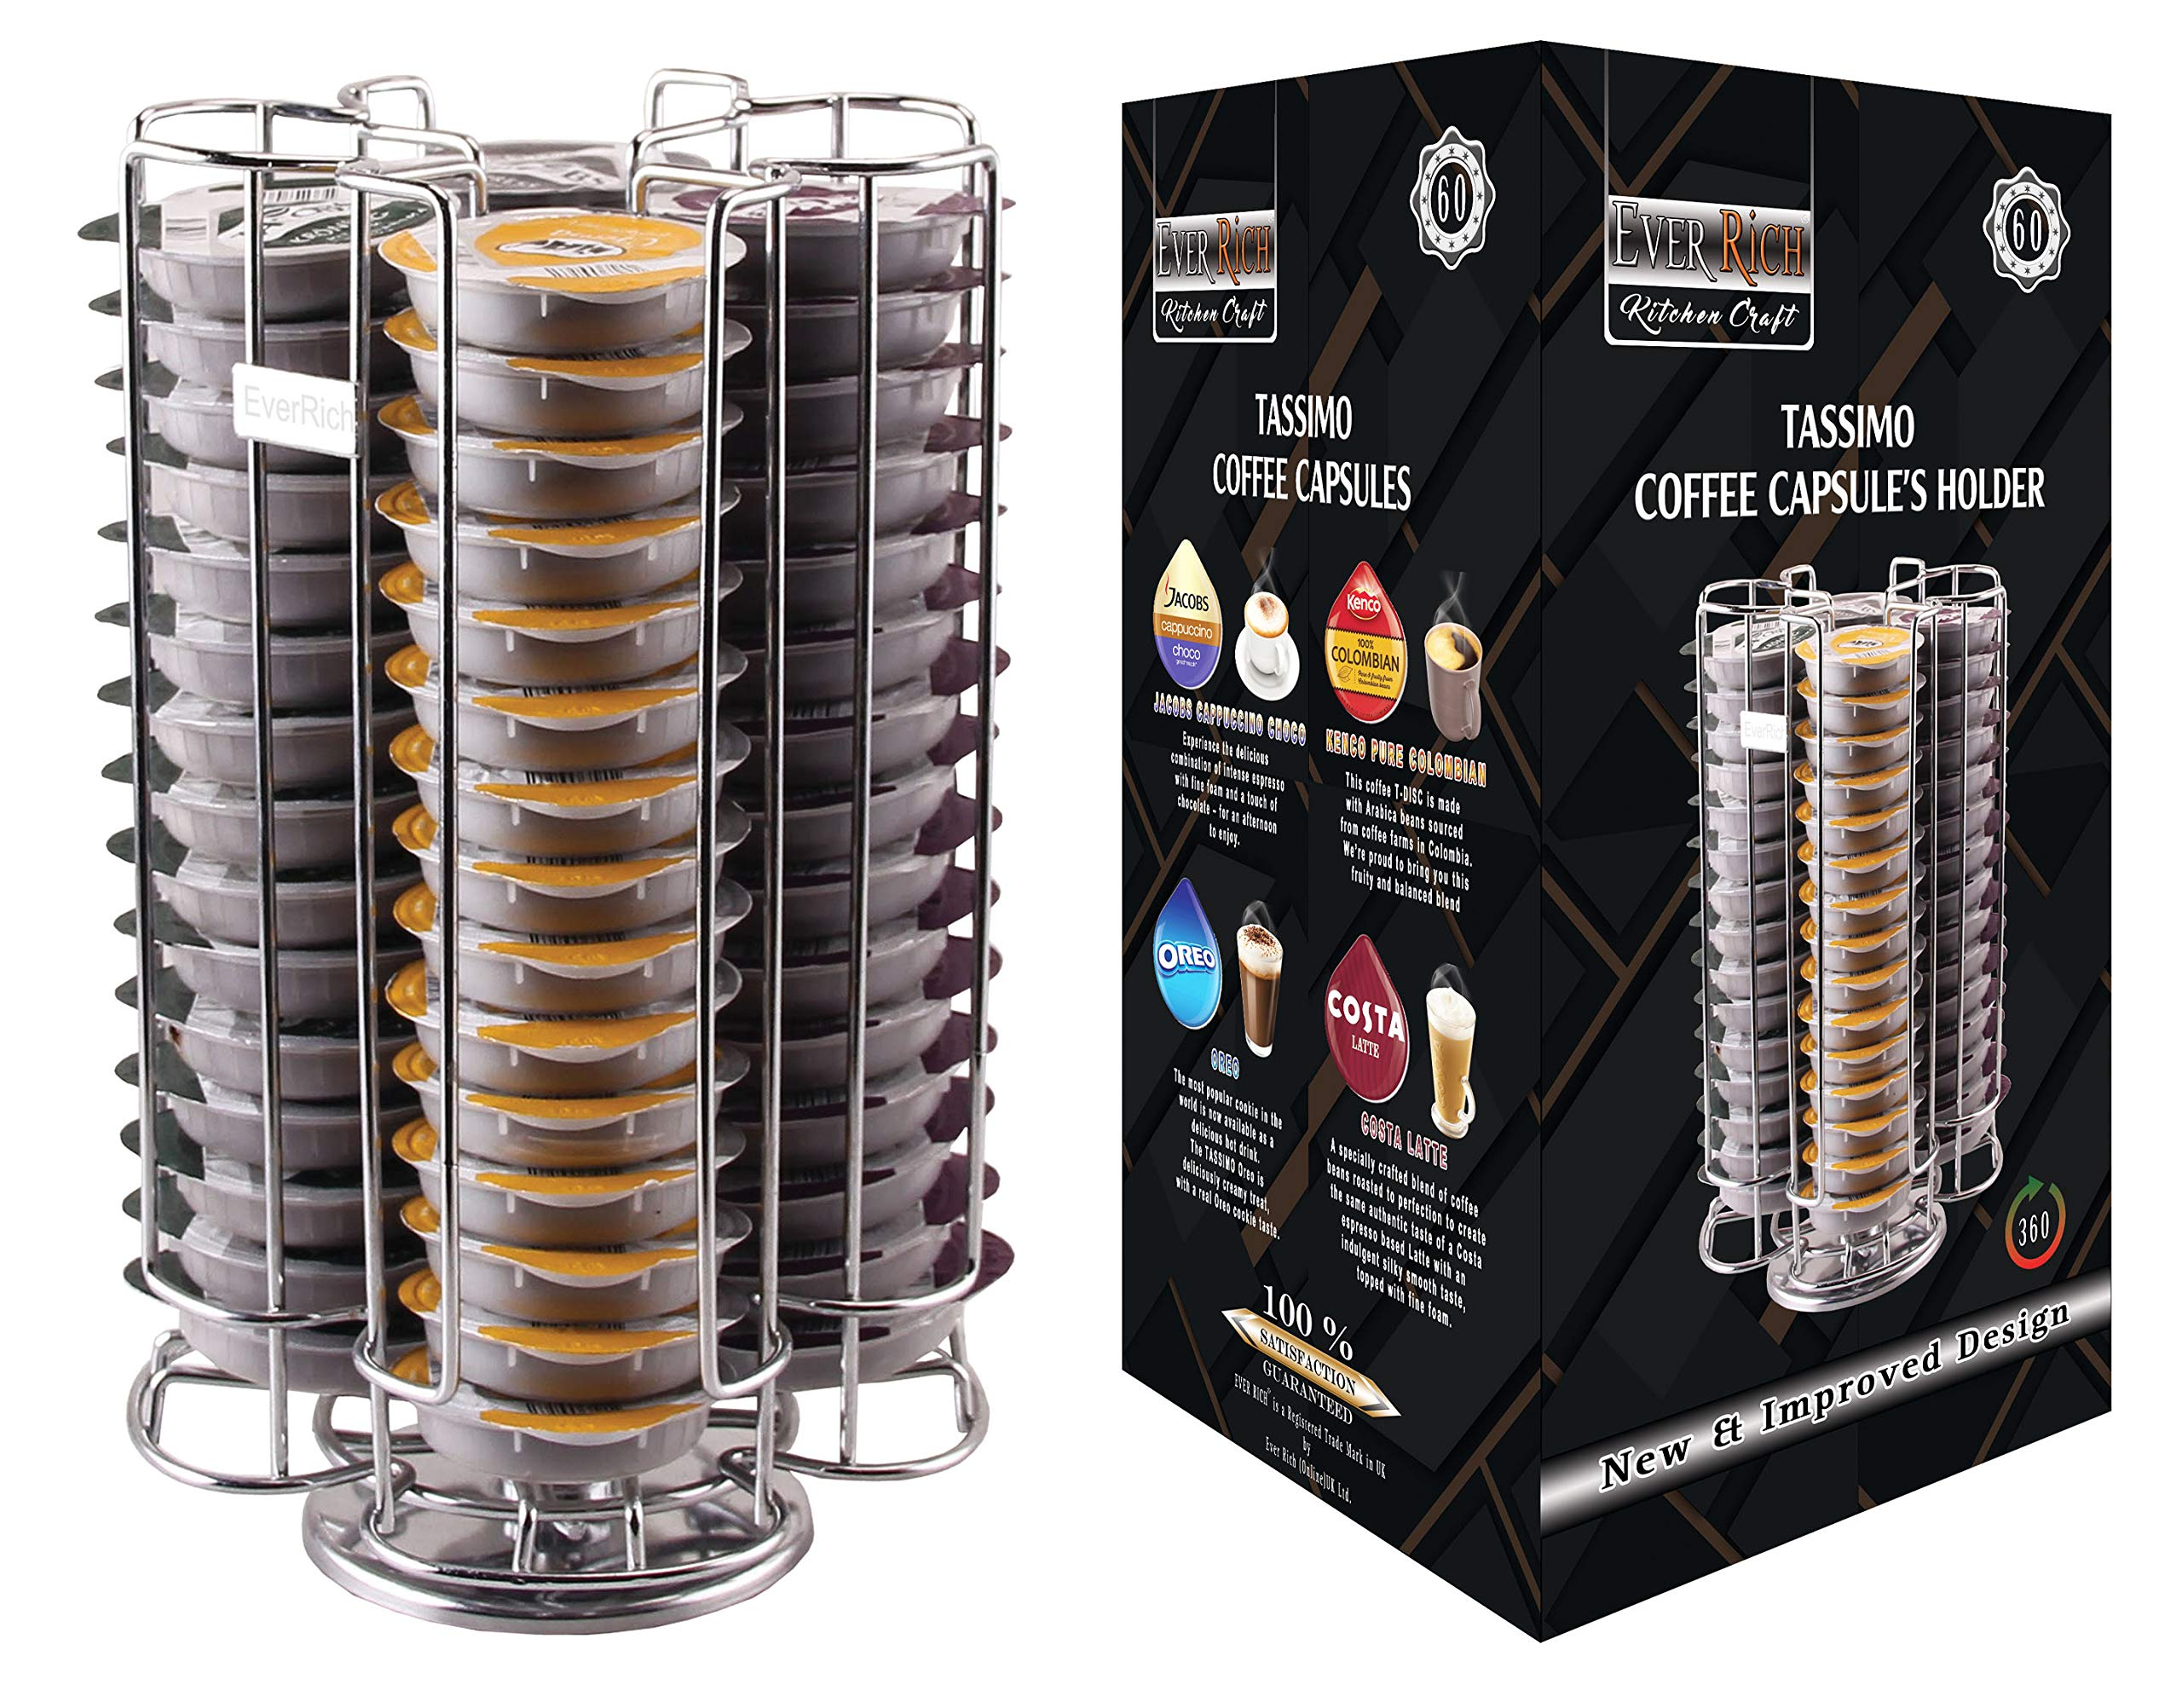 EVER RICH ® Soporte/Soporte para cápsulas de café para cápsulas Tassimo T-Disc - Tiendas Bosch Tassimo T-Discs Cápsulas de café (Chrome 60): Amazon.es: Hogar